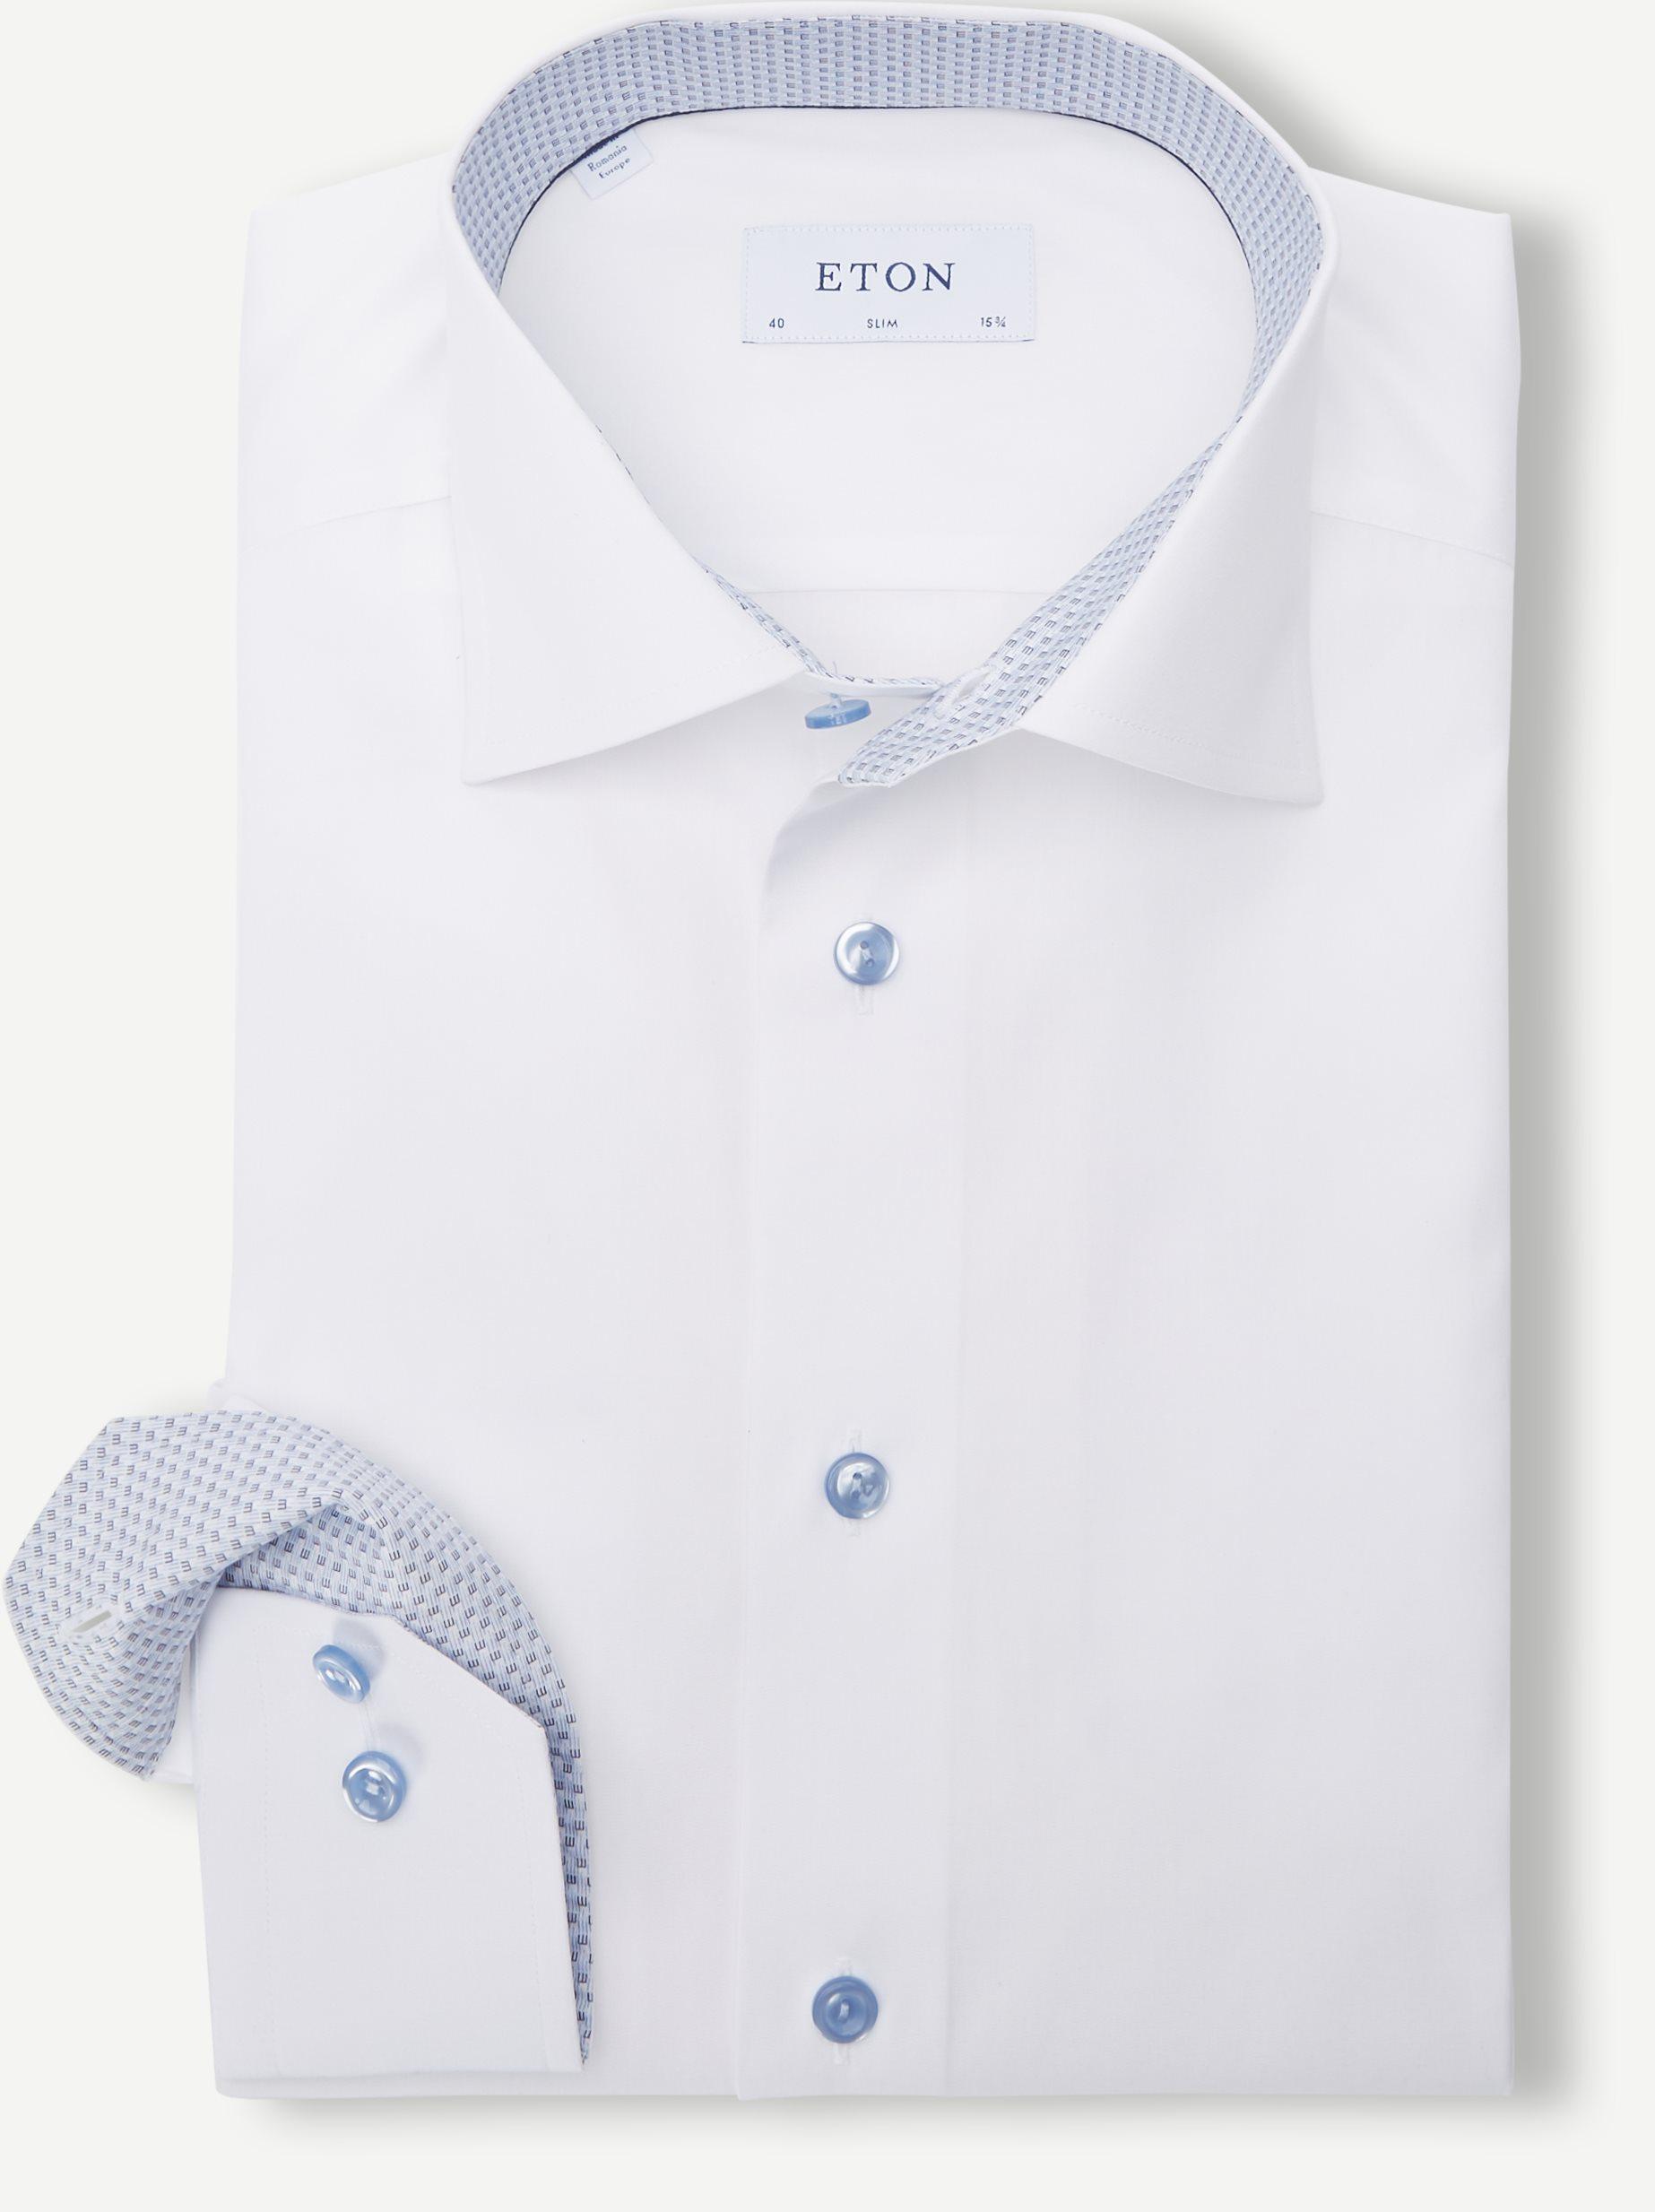 Poplin Shirt - Shirts - White